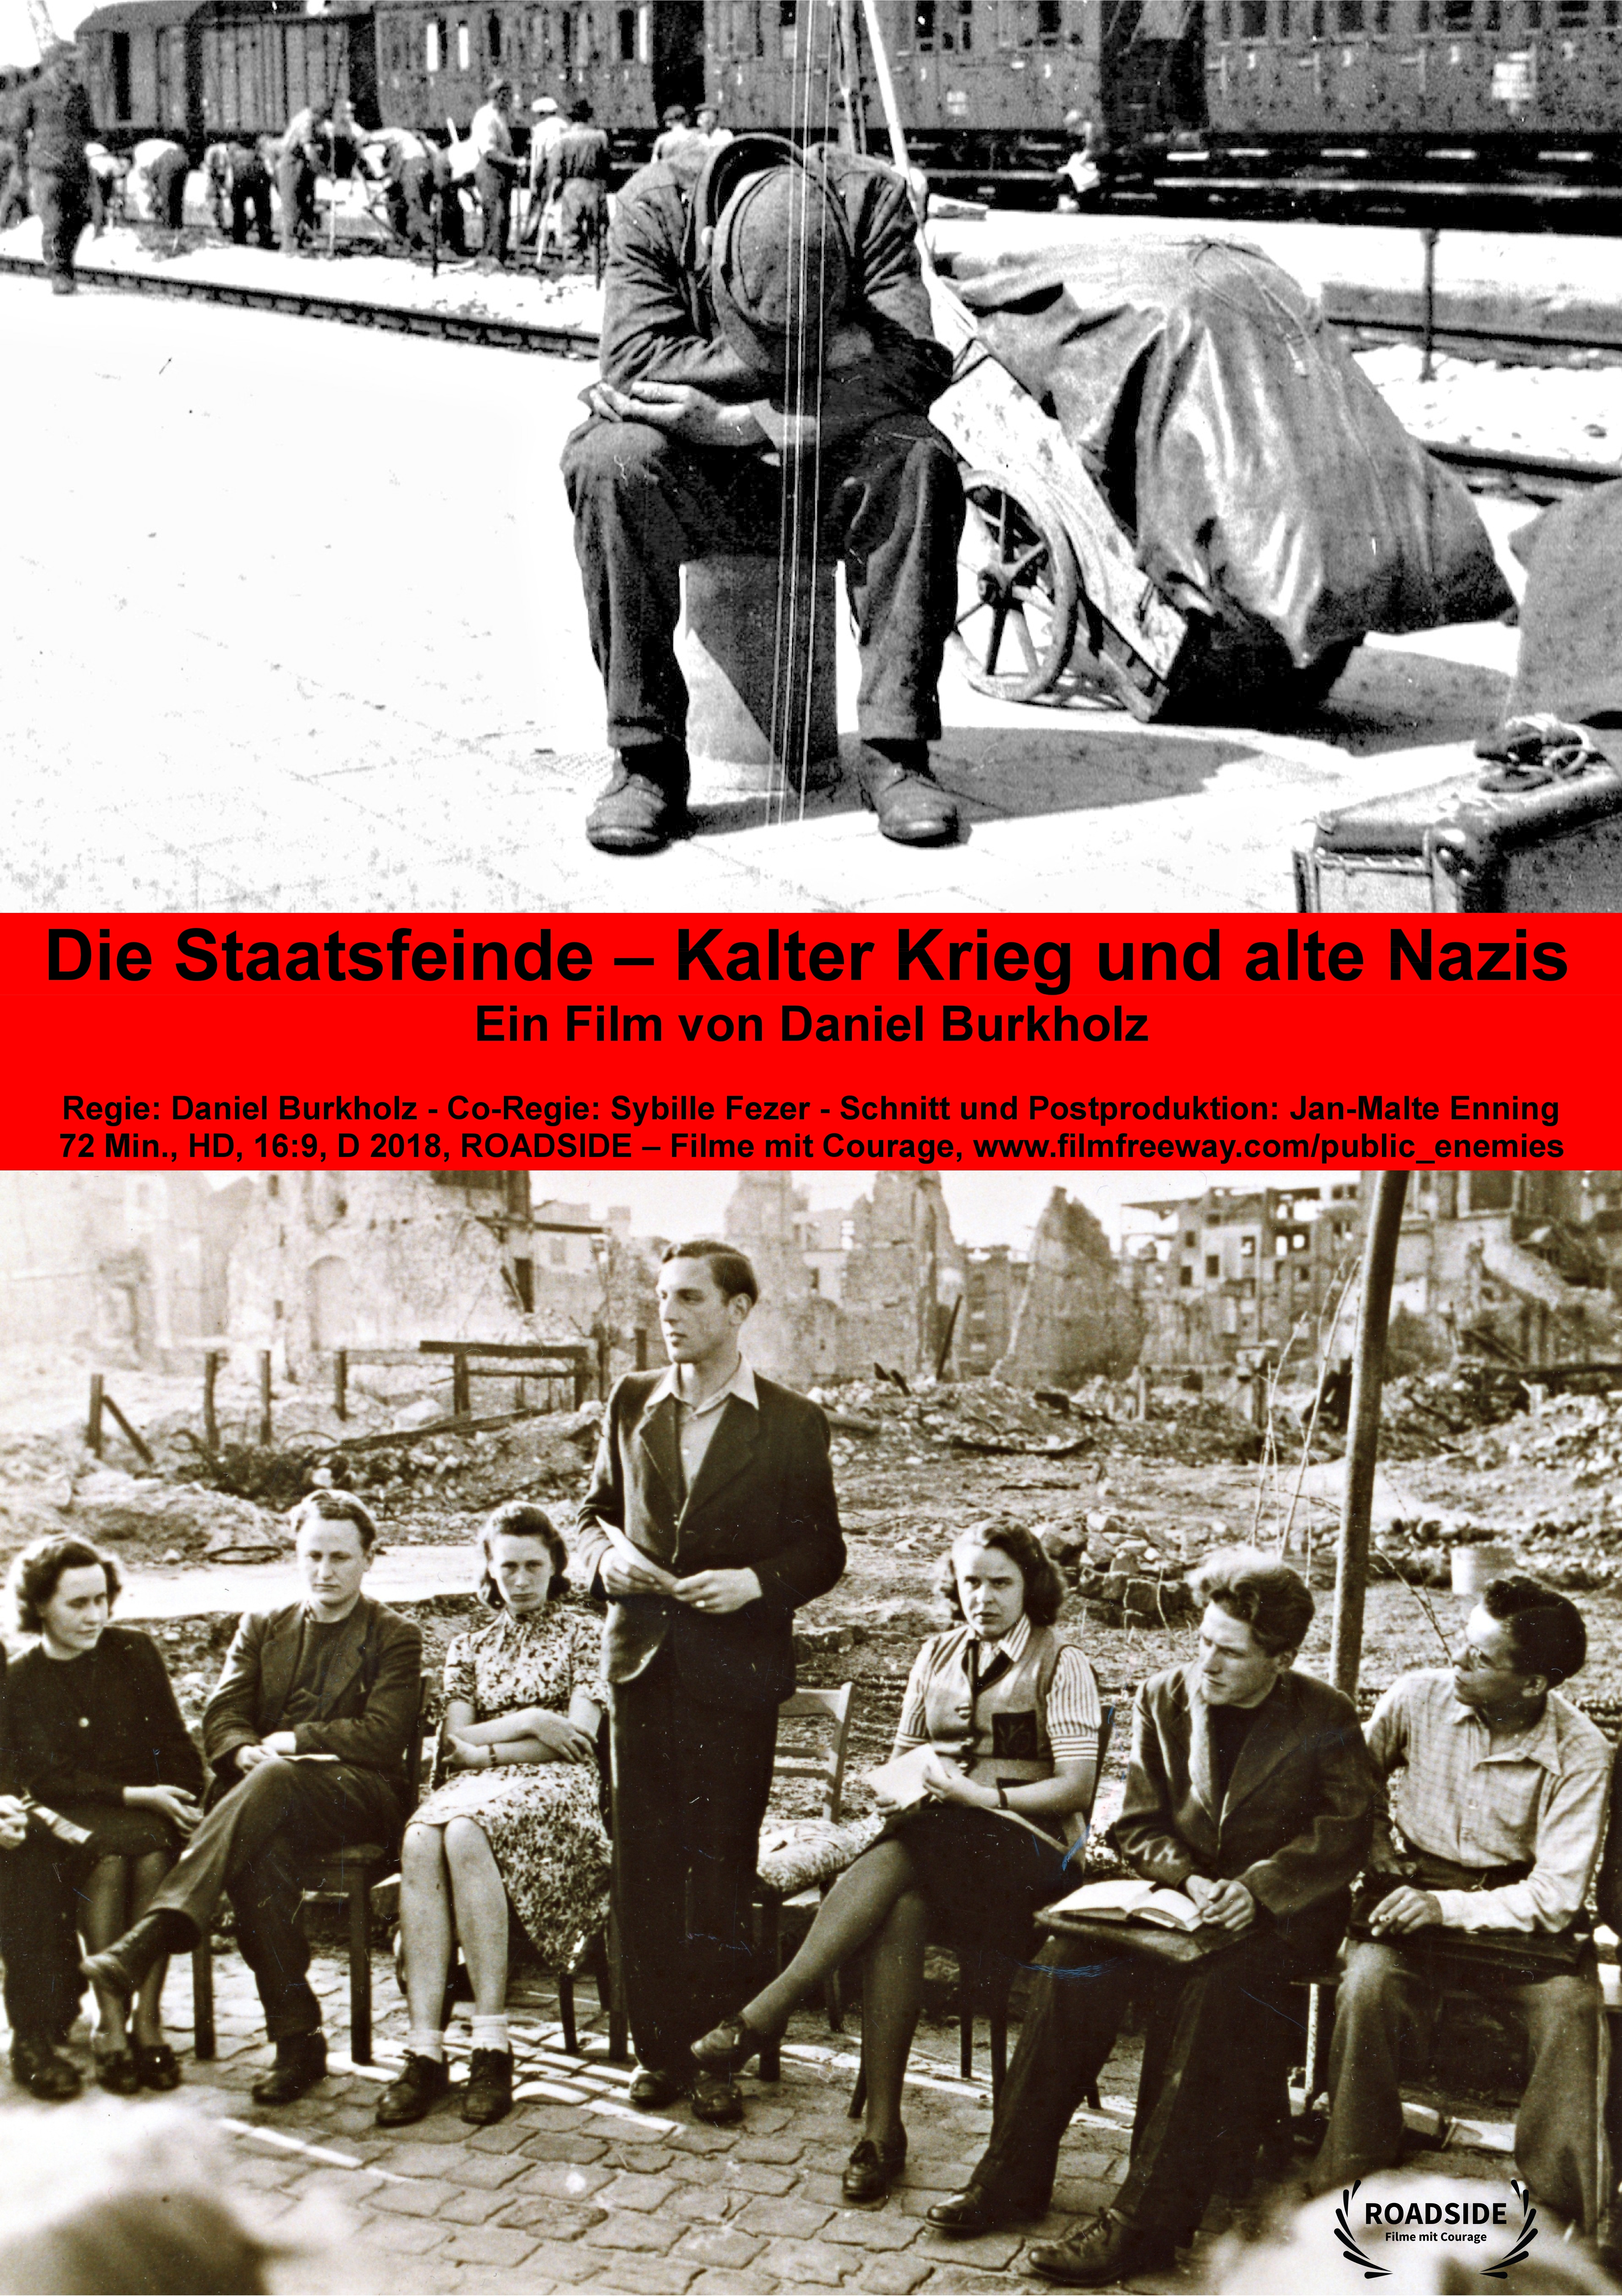 Die Staatfeinde - Kalter krieg und alte Nazis